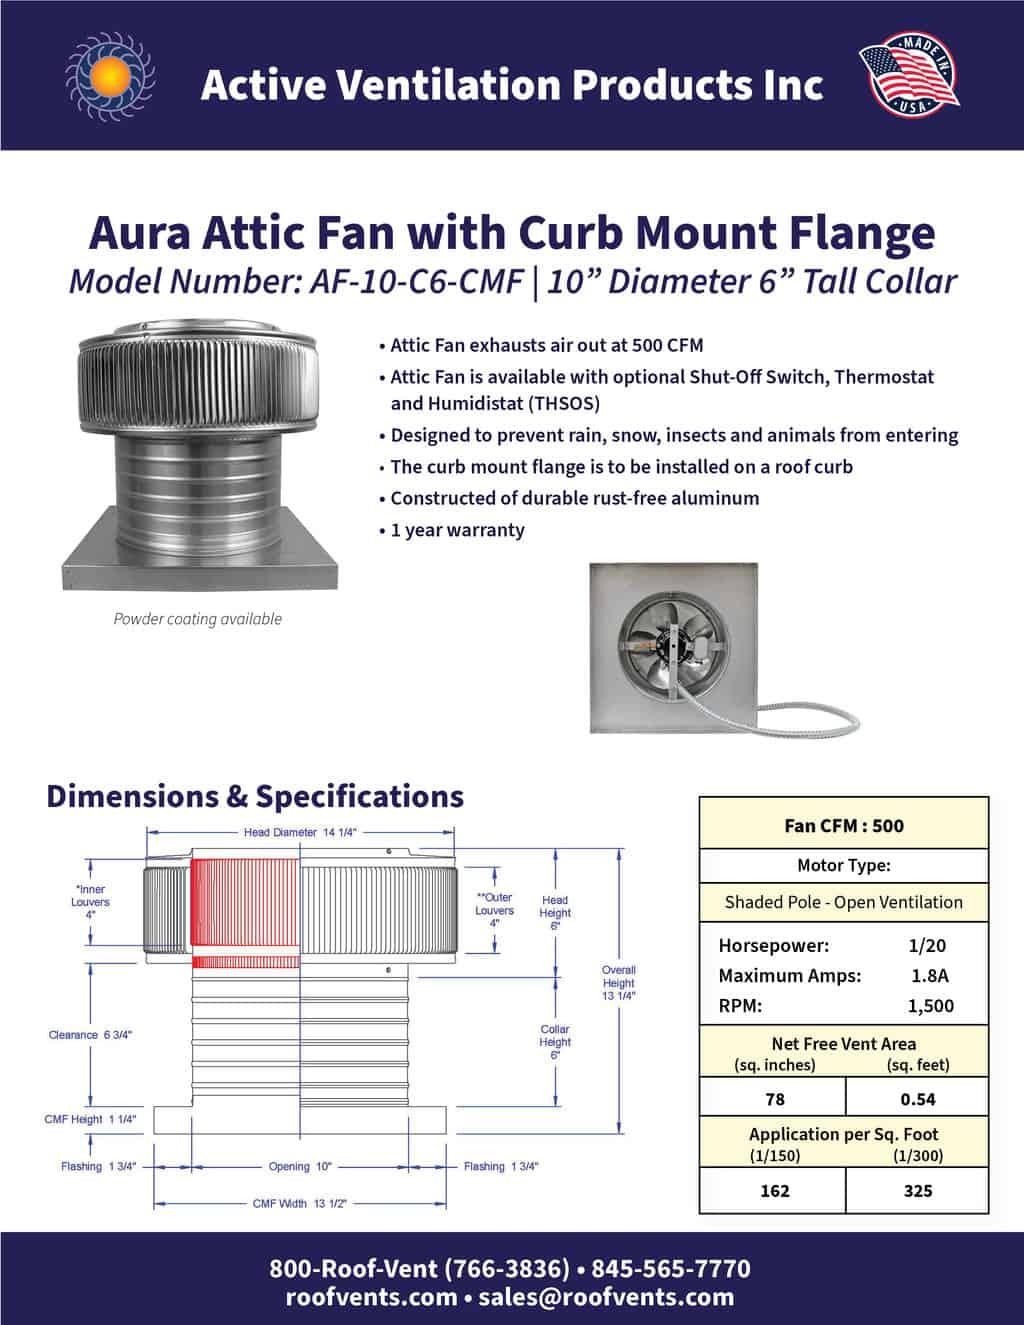 AF-10-C6-CMF-brochure An Exhaust Attic Fan